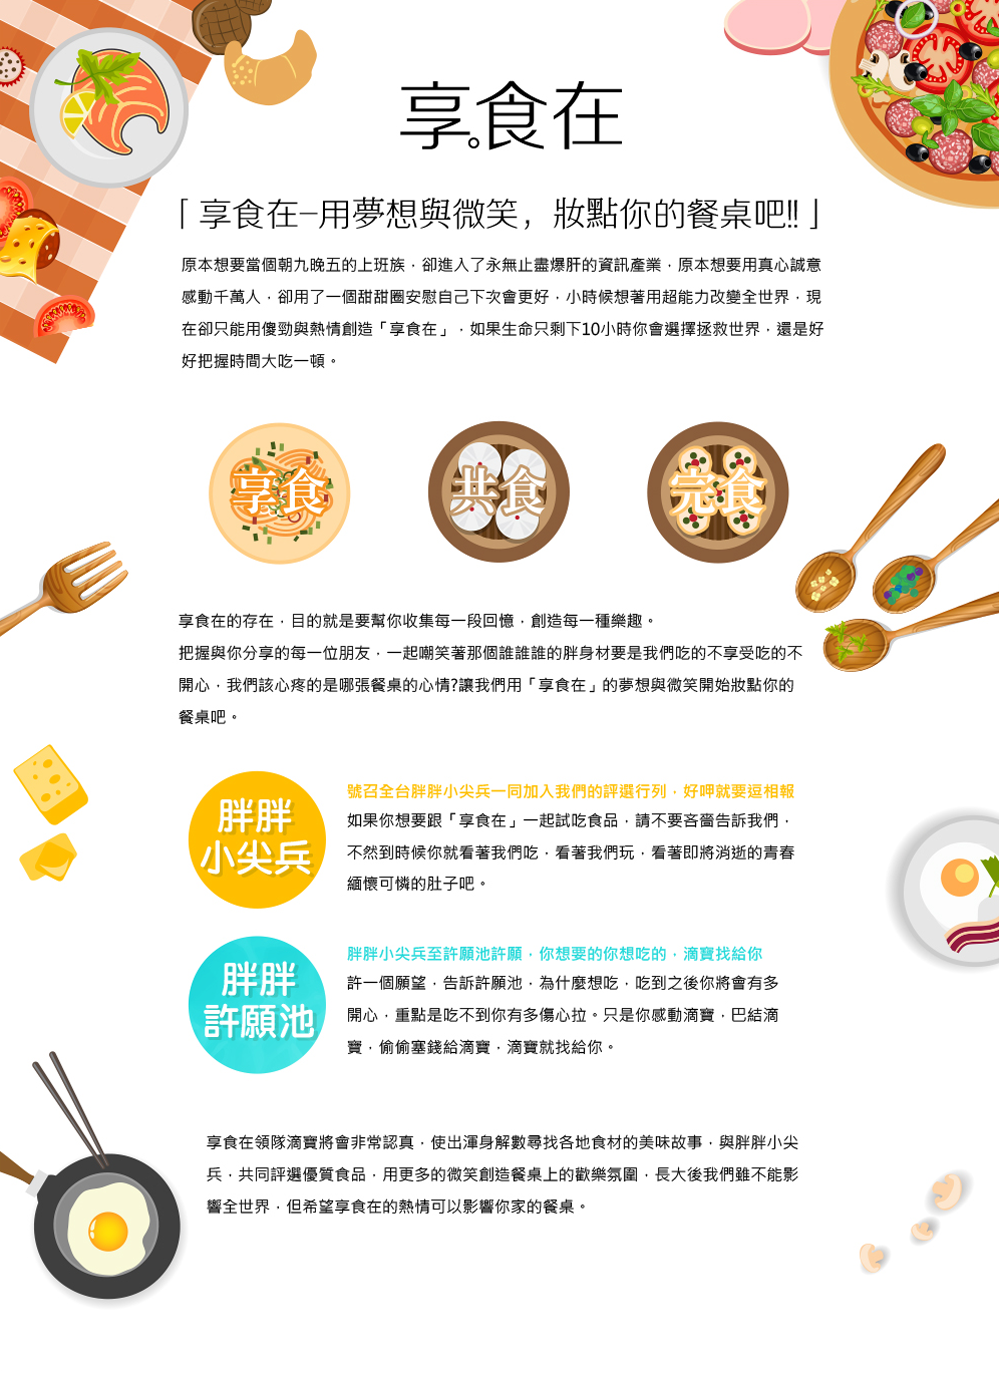 「享食在」由 台灣好食在商城有限公司 規劃執行。   享食在是由一群30而立的年輕人所組成,主要目地是極力推廣台灣在地優良的食品!!~ 解決一些商家或弱勢團體,因經費不足無法將其產品以電子商務的方法銷售食品。  為了這份理想大家紛紛的辭去工作全心的投入這塊土地上,因為資源有限所以凡事都一定親力親為,親自走上山尋找獨特的故事因為我們相信每件食品都一定會有一段不為人知刻苦銘心的故事,親自架設攝影棚為產品拍照寫文案,也希望將產品最原始的資訊呈現給大家,我們也尋找知名部落客為產品試吃評分,將部落客試吃產品經驗分享給大家。  我們希望在享食在購物不再只是單純的買賣,而是傳達一份對於在地的情感~    除了我們本身對食品的品質把關之外,享食在的小編-零食哥 也會親自試吃食品,另外享食在還特地邀請了食品界的知名部落客 們一起參與試吃食品,並對食品做最公正客觀的批評指教,並非一面倒的稱讚,我們希望傳達給大家的是一種信賴,您相信我們,我們去負責找出很不錯的食品,也把食品創造者的理念闡述給大家,因為實在是有很多用心的好店家,不僅用料實在,對品質有嚴格要求之外,在地方上也是竭盡心力在扶助需要幫助的人,他們沒有推廣的管道,比起宣傳很大但是偷工減料的部分知名商家來說,這些實實在在的中小店家更是值得我們大家去支持,而好的消費者更是值得實在的好商家來提供服務,好食在商城之所以取名為